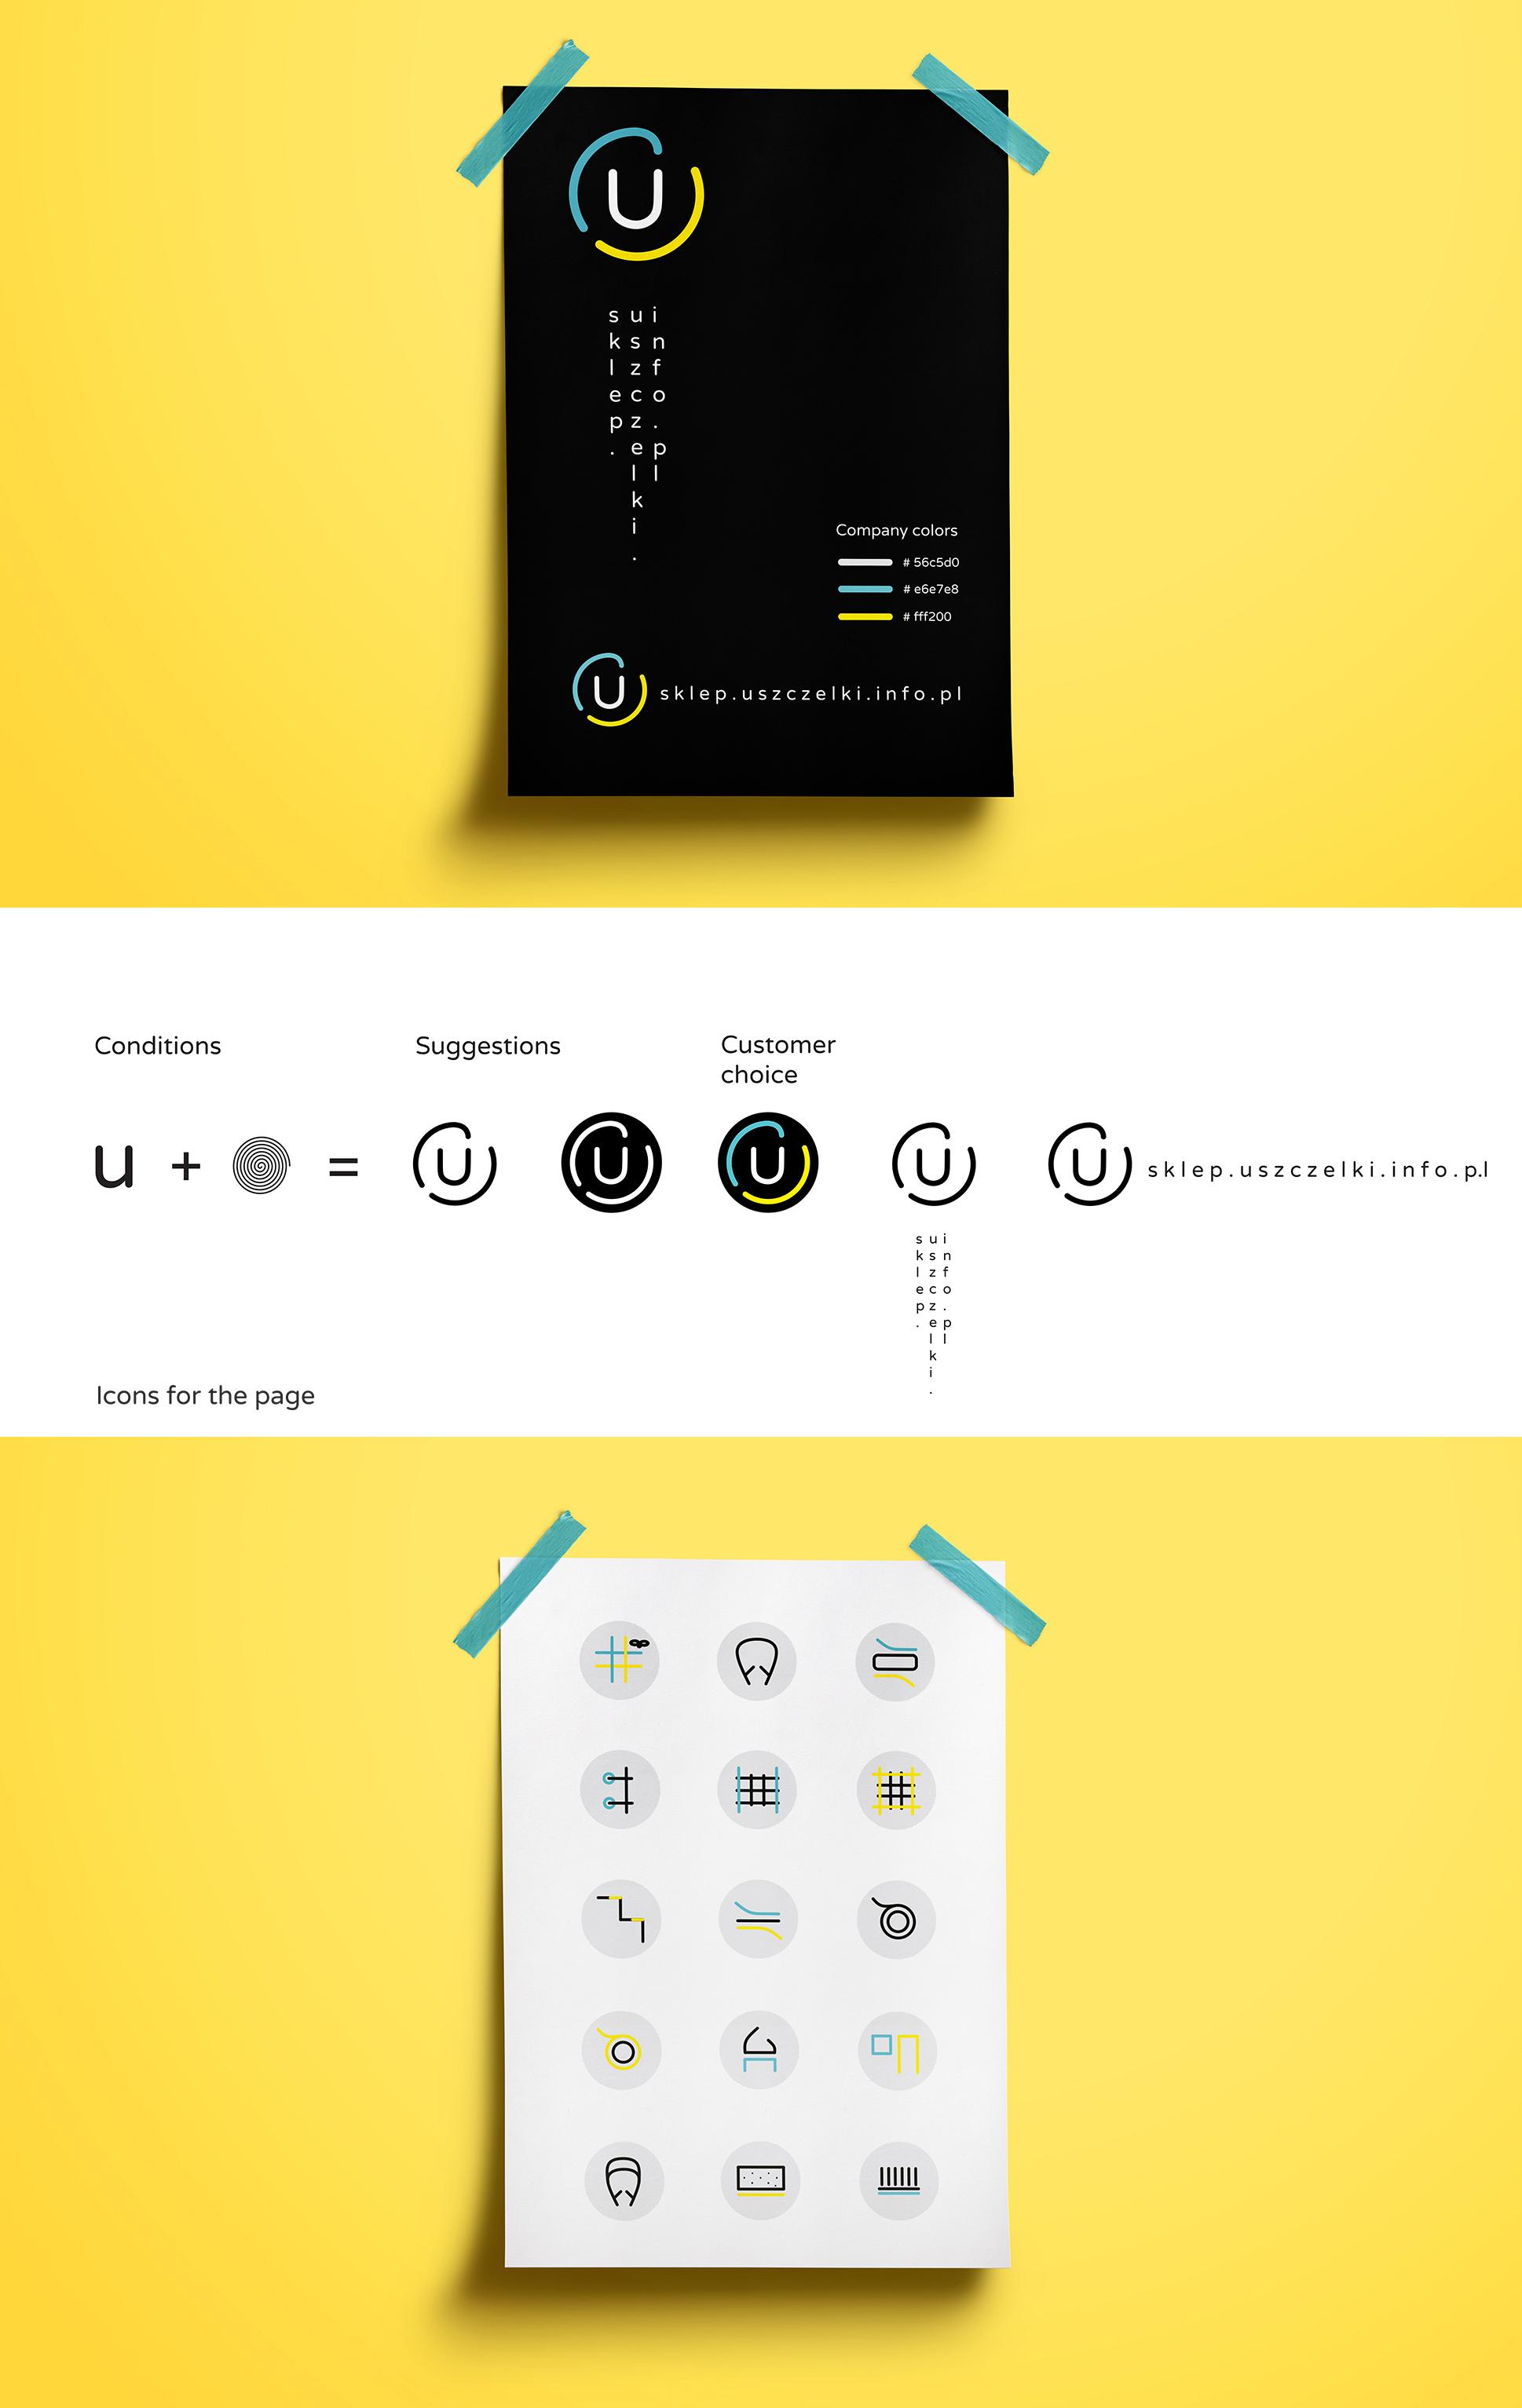 projekt-loga-identyfikacja-wizualna-marki-oraz-ikon-dla sklepu-n-pawlowska-design